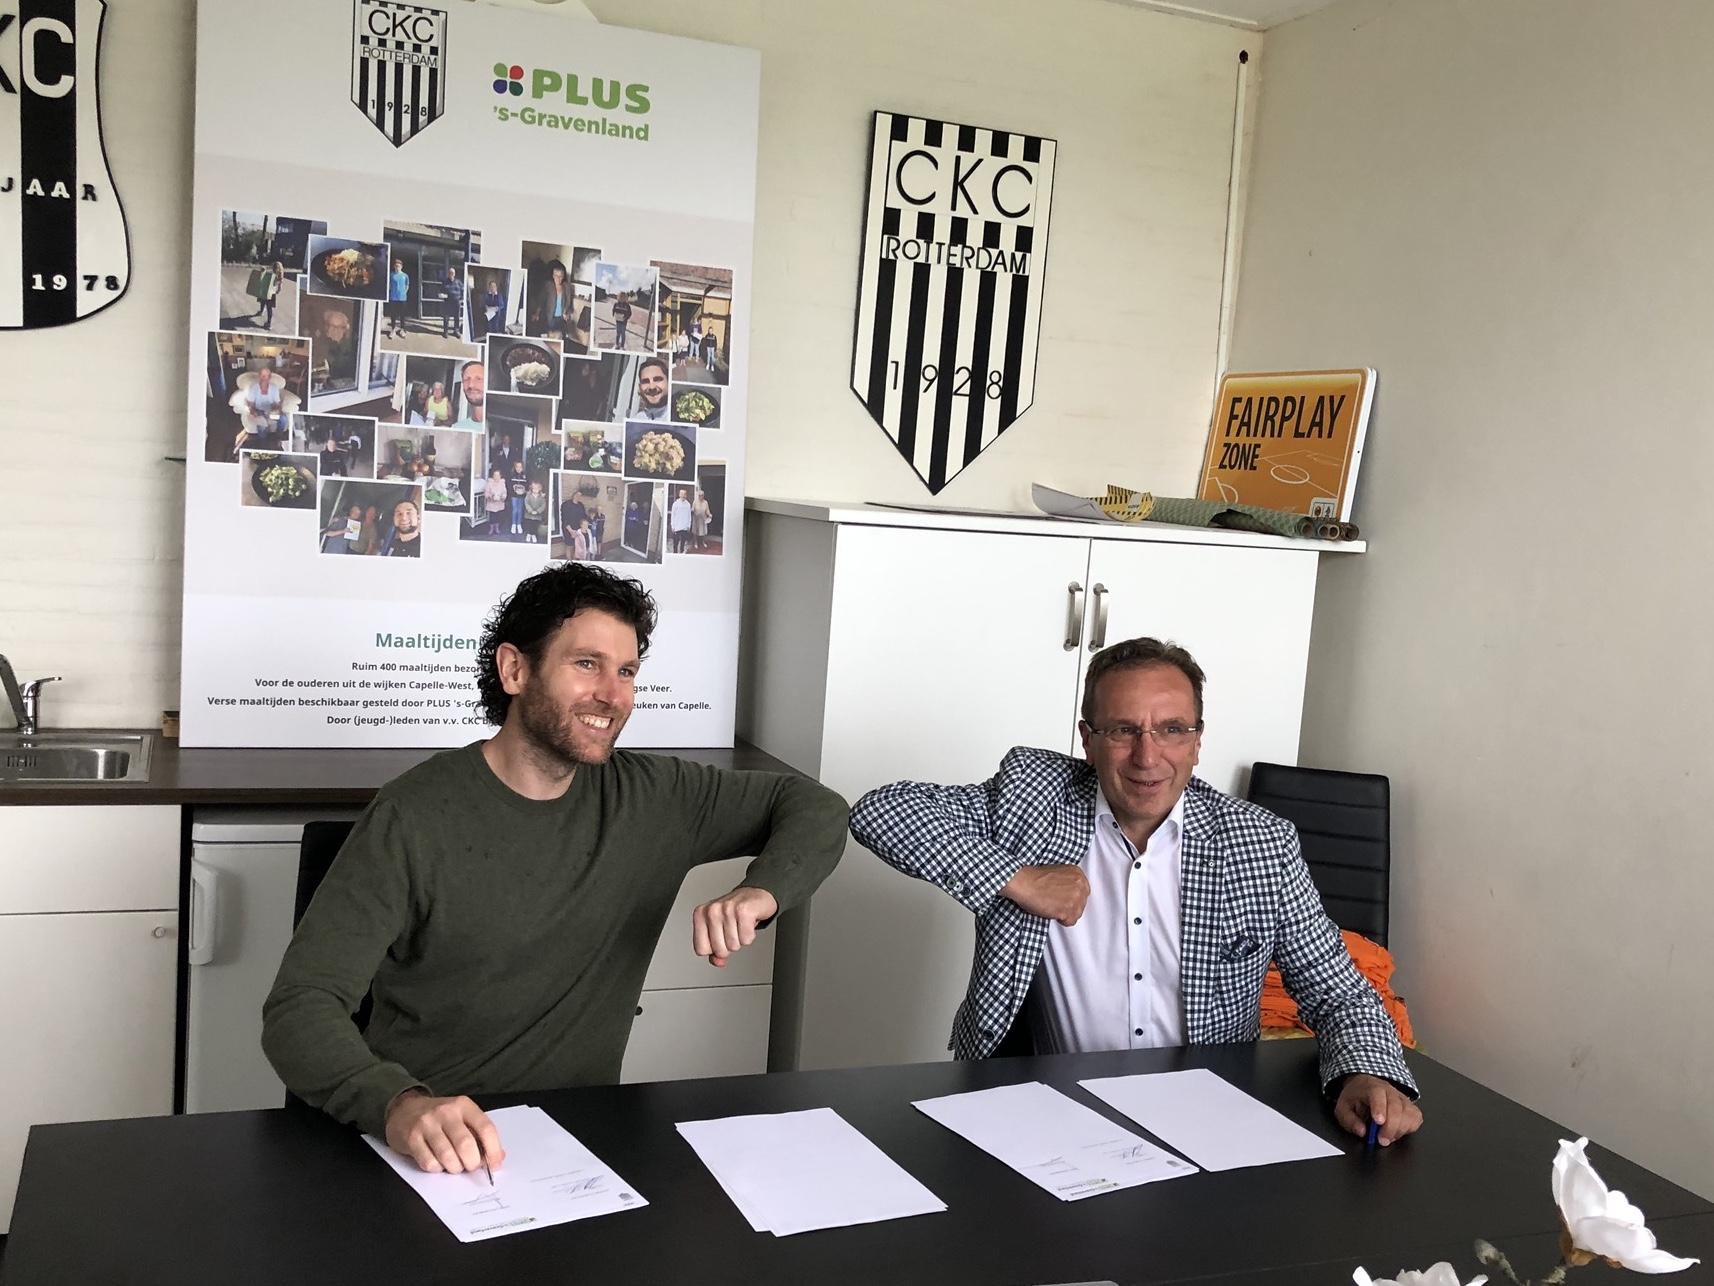 PLUS en De Witte de Witte verlengen hun sponsorcontracten met CKC